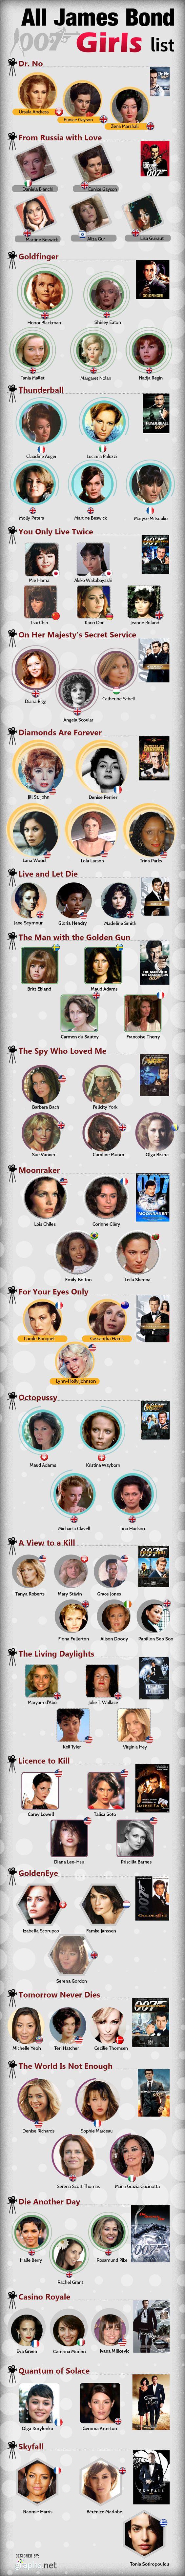 James Bond Girls List